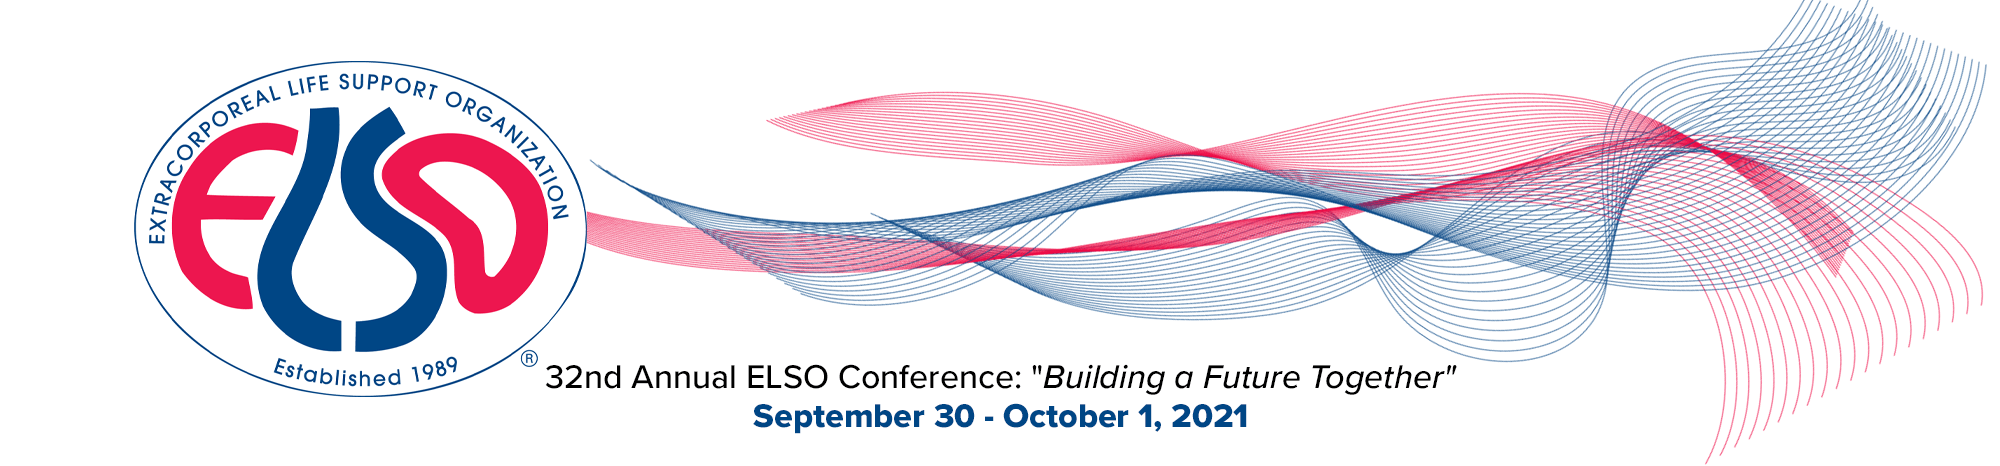 2021 ELSO Conference Registration Logo